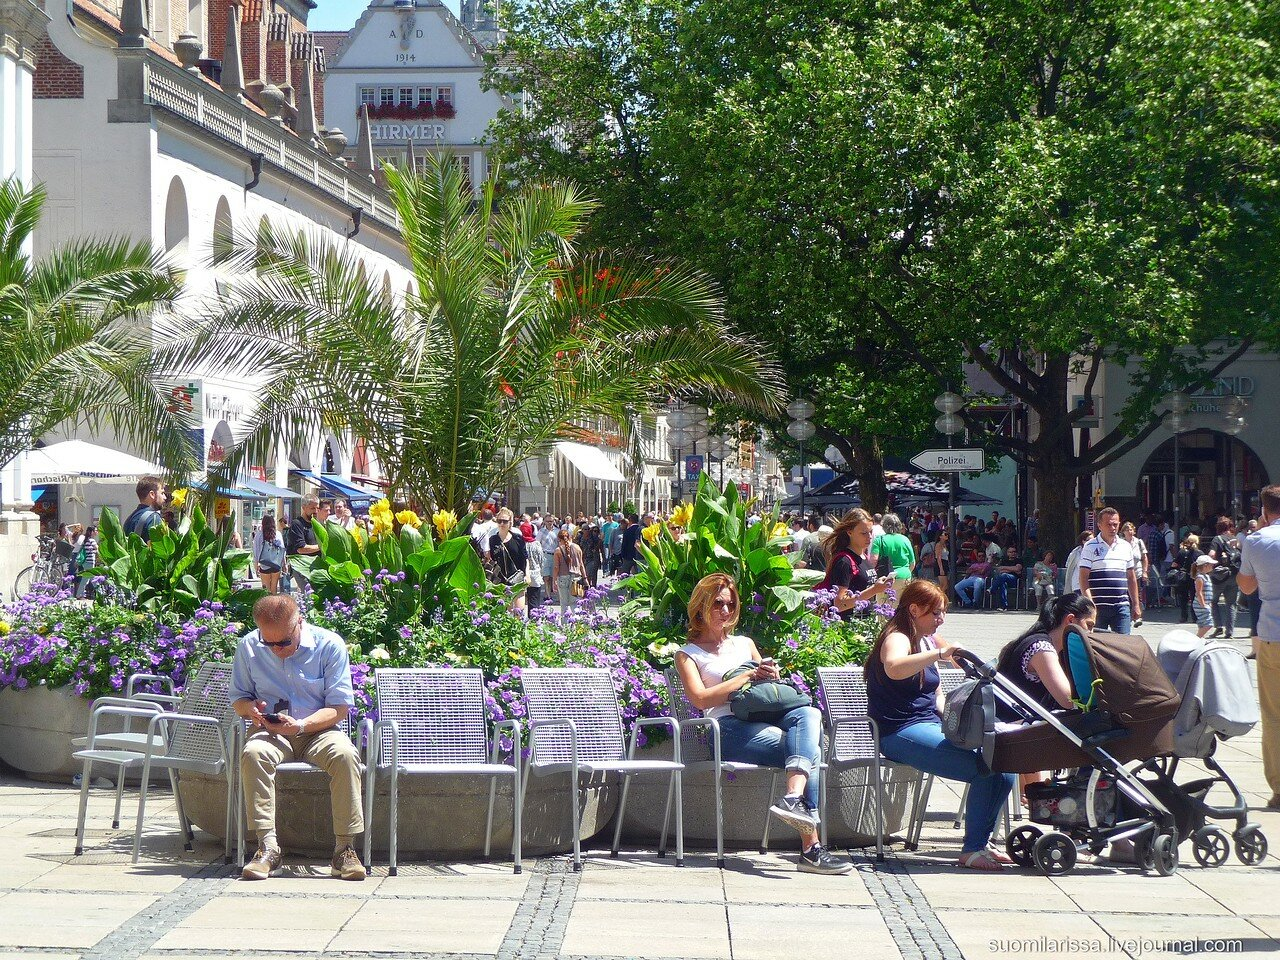 Жаркий день в Мюнхене, 7 июля 2016 г.